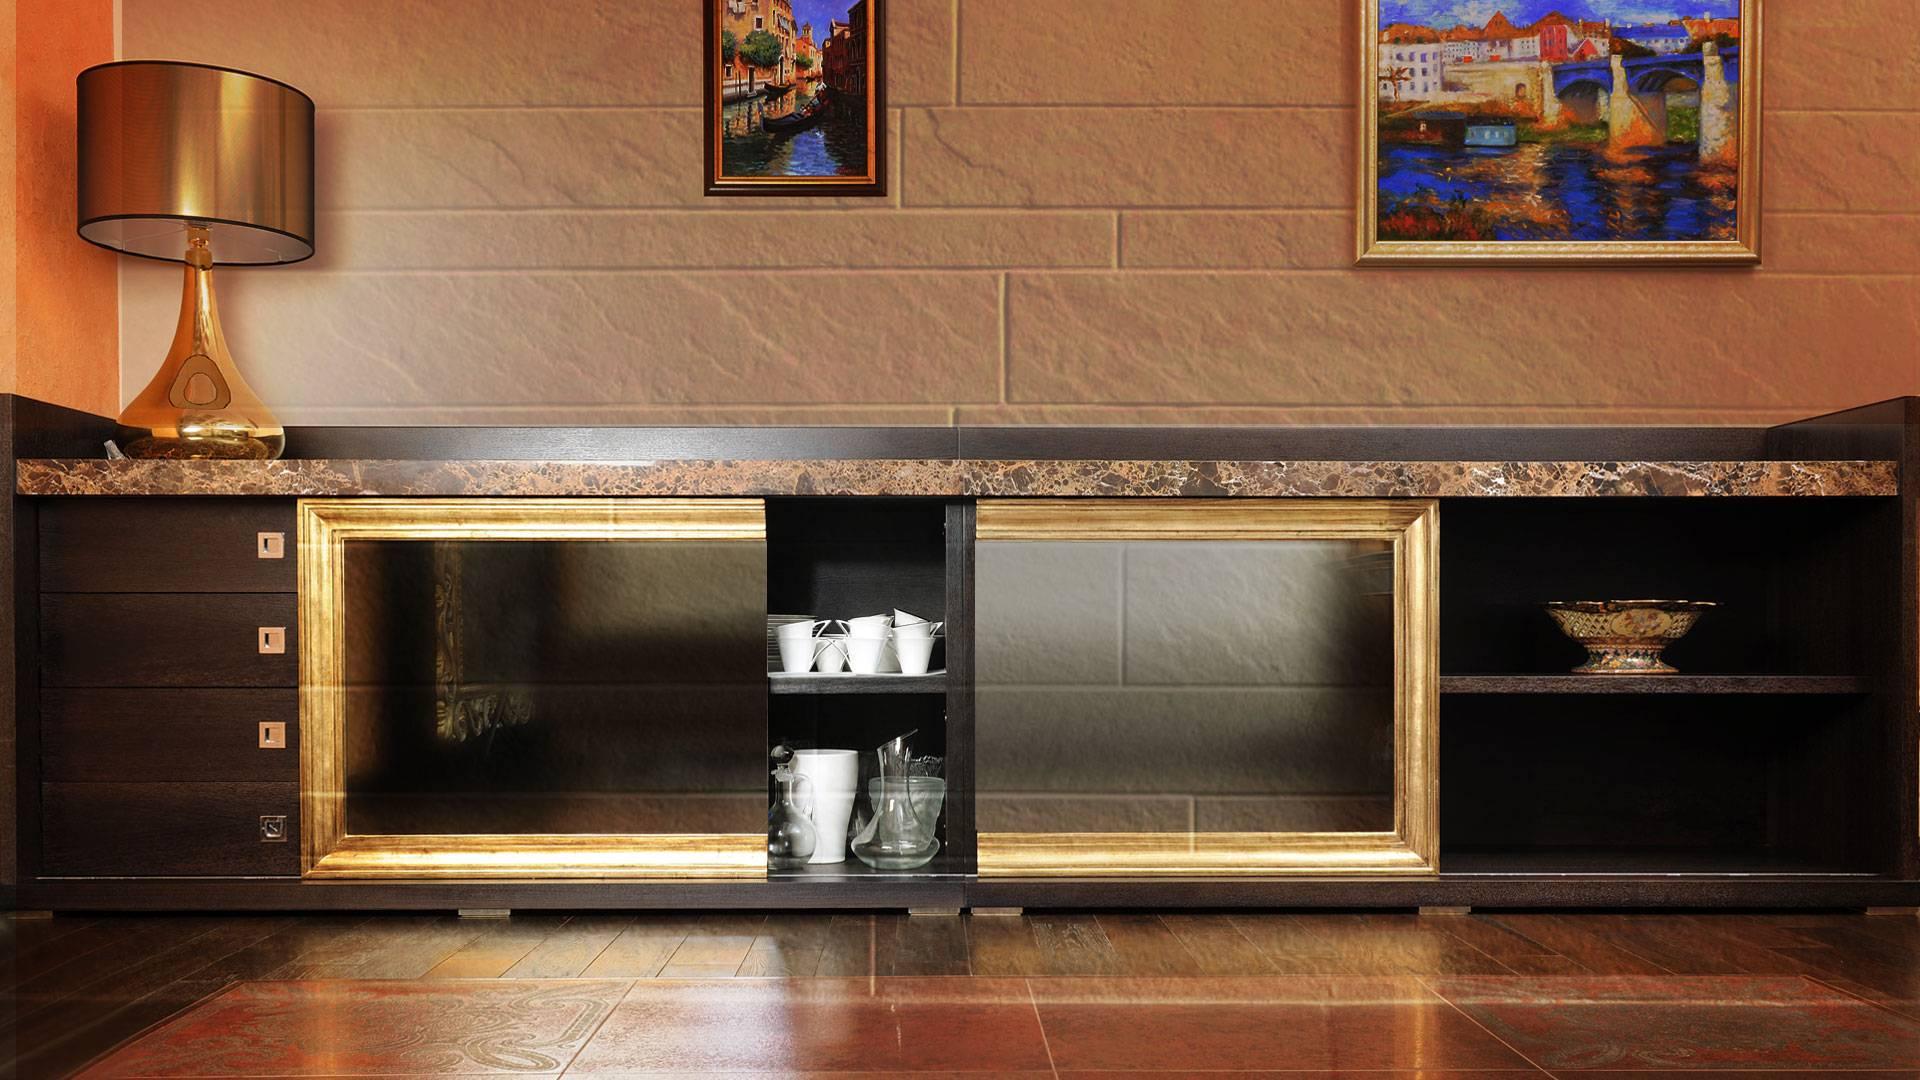 Тумба бар для гостиной: дизайн барной витрины для зала, угловые мини комоды в современном стиле интерьера